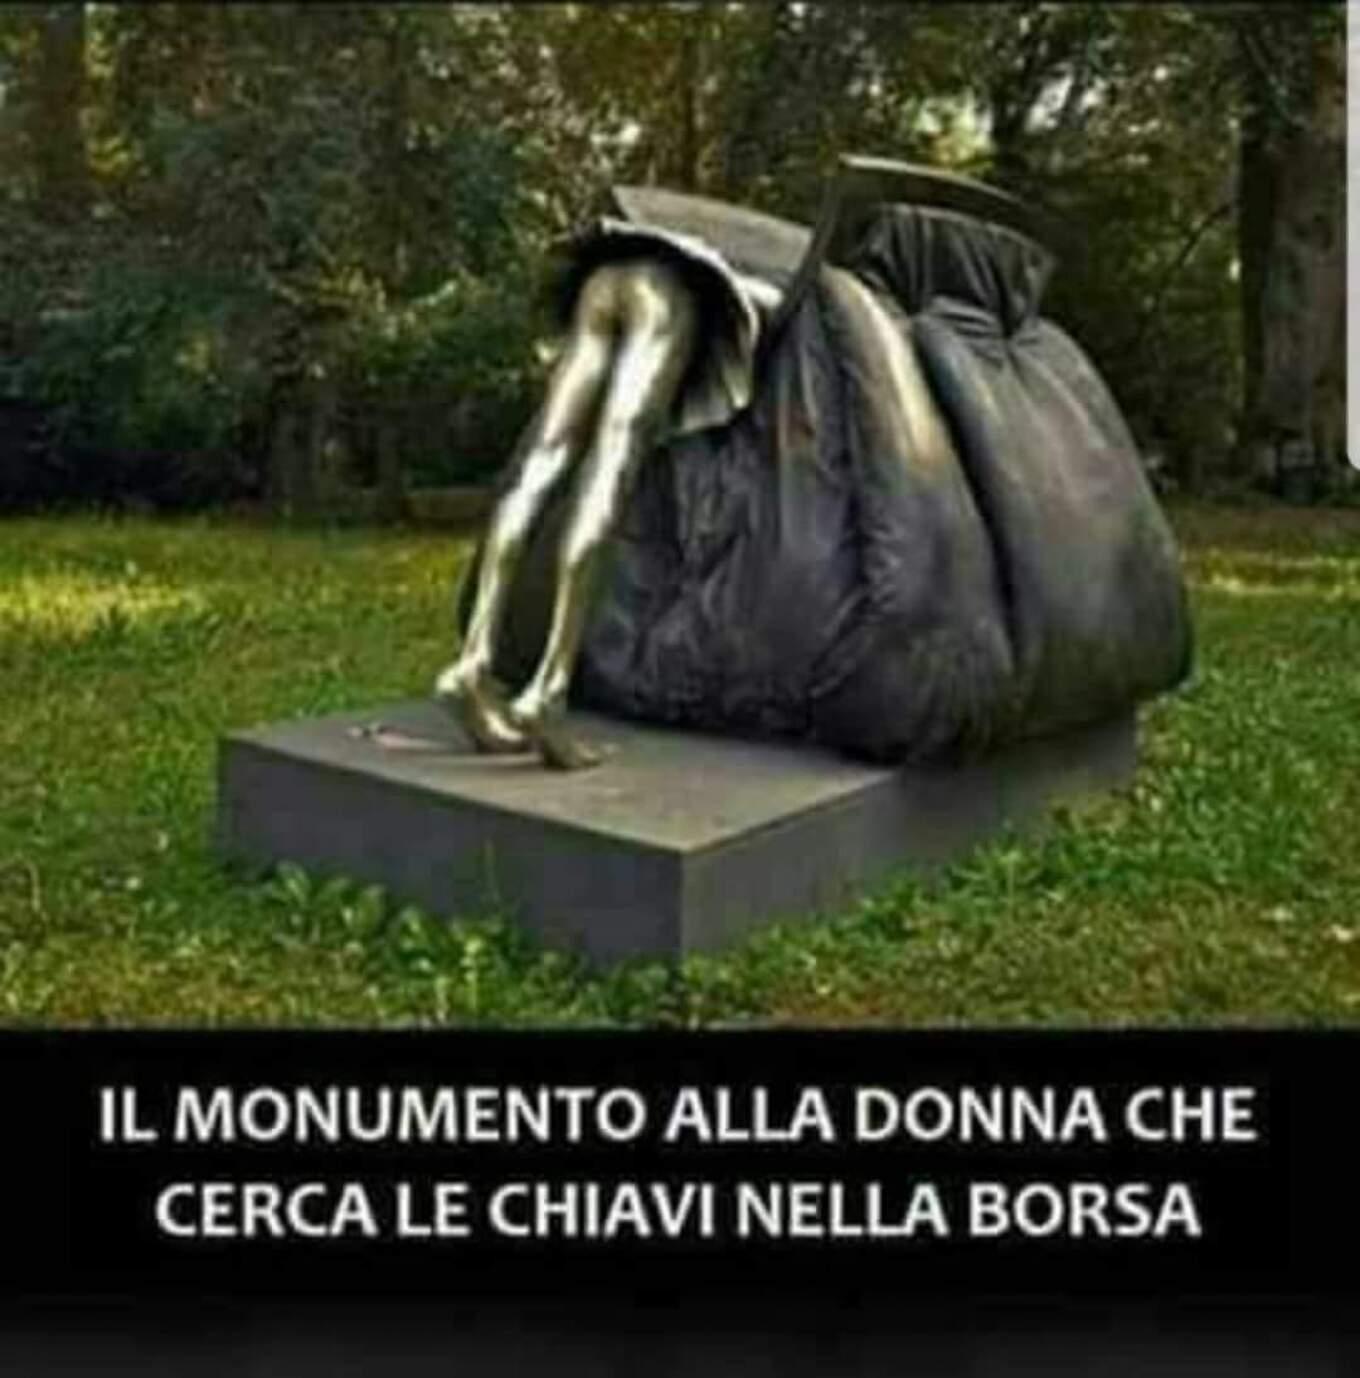 Il monumento alla donna che cerca le chiavi nella borsa